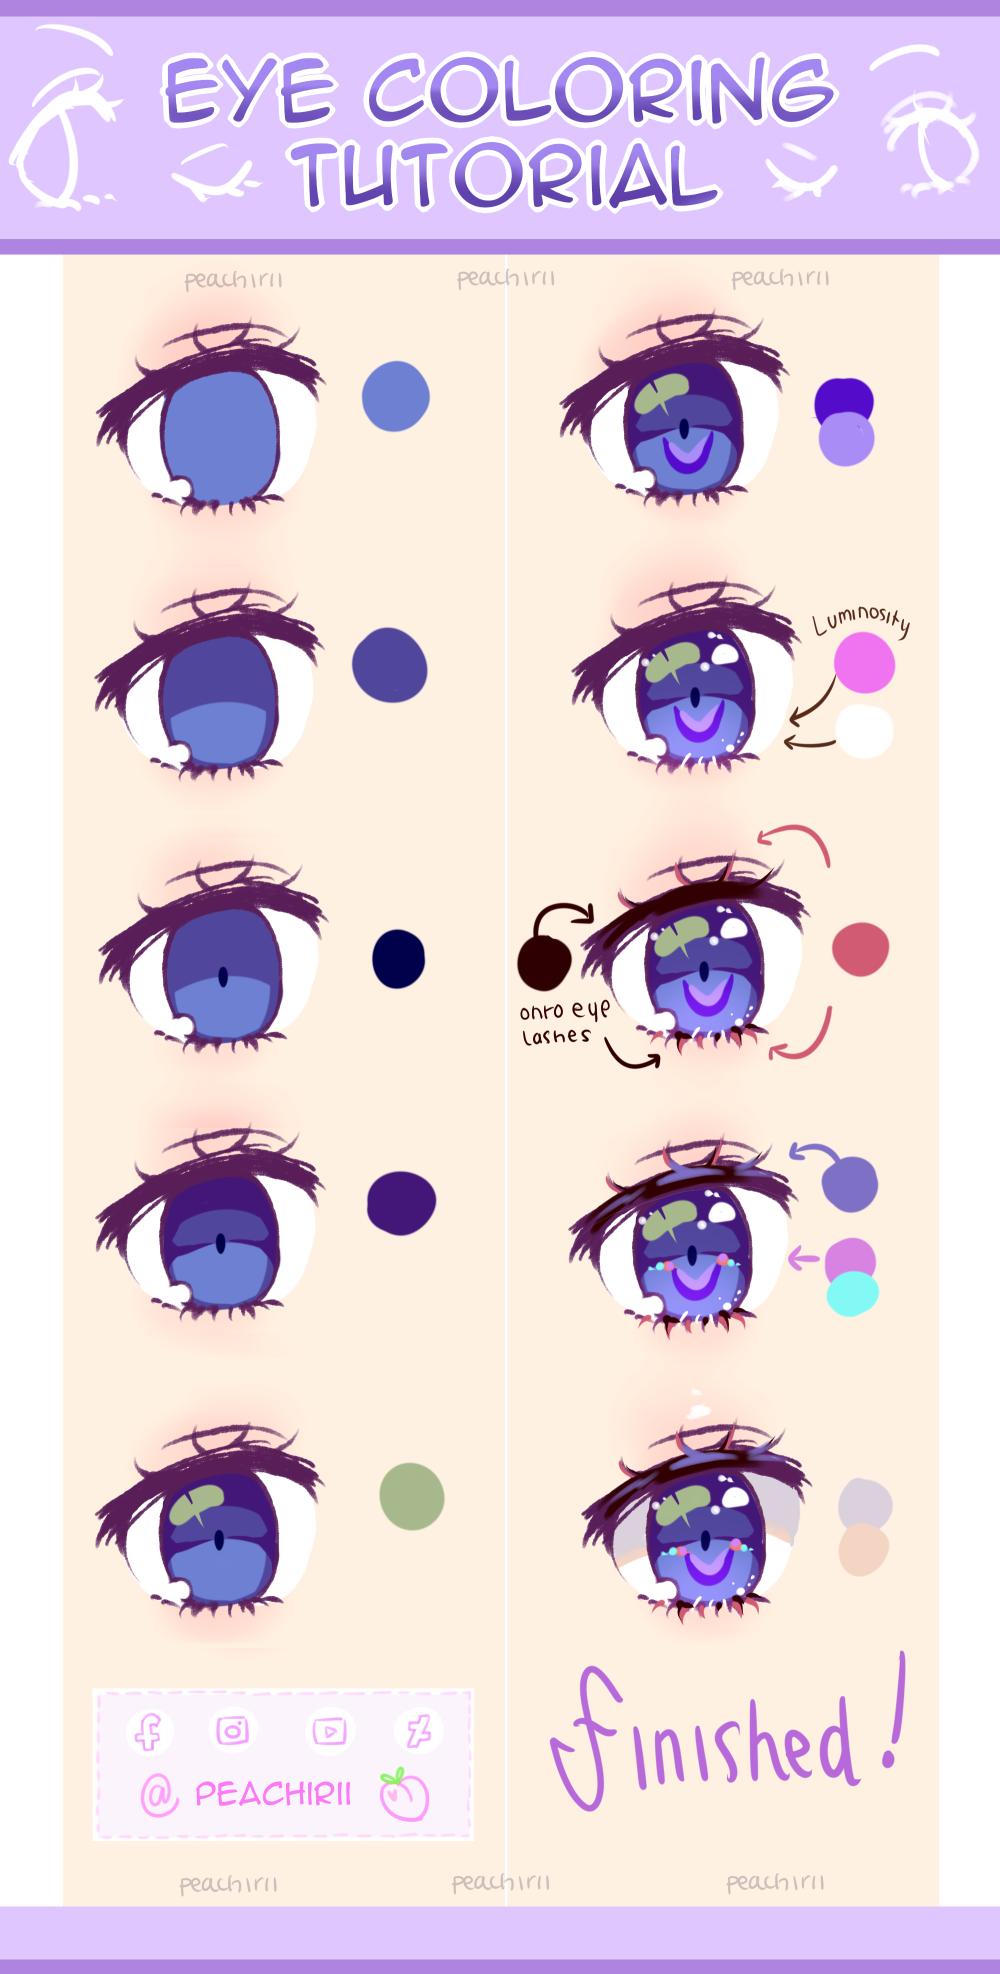 Eye Coloring Tutorial By Peachirii On Deviantart In 2020 Eye Drawing Tutorials Anime Eye Drawing Anime Drawings Tutorials